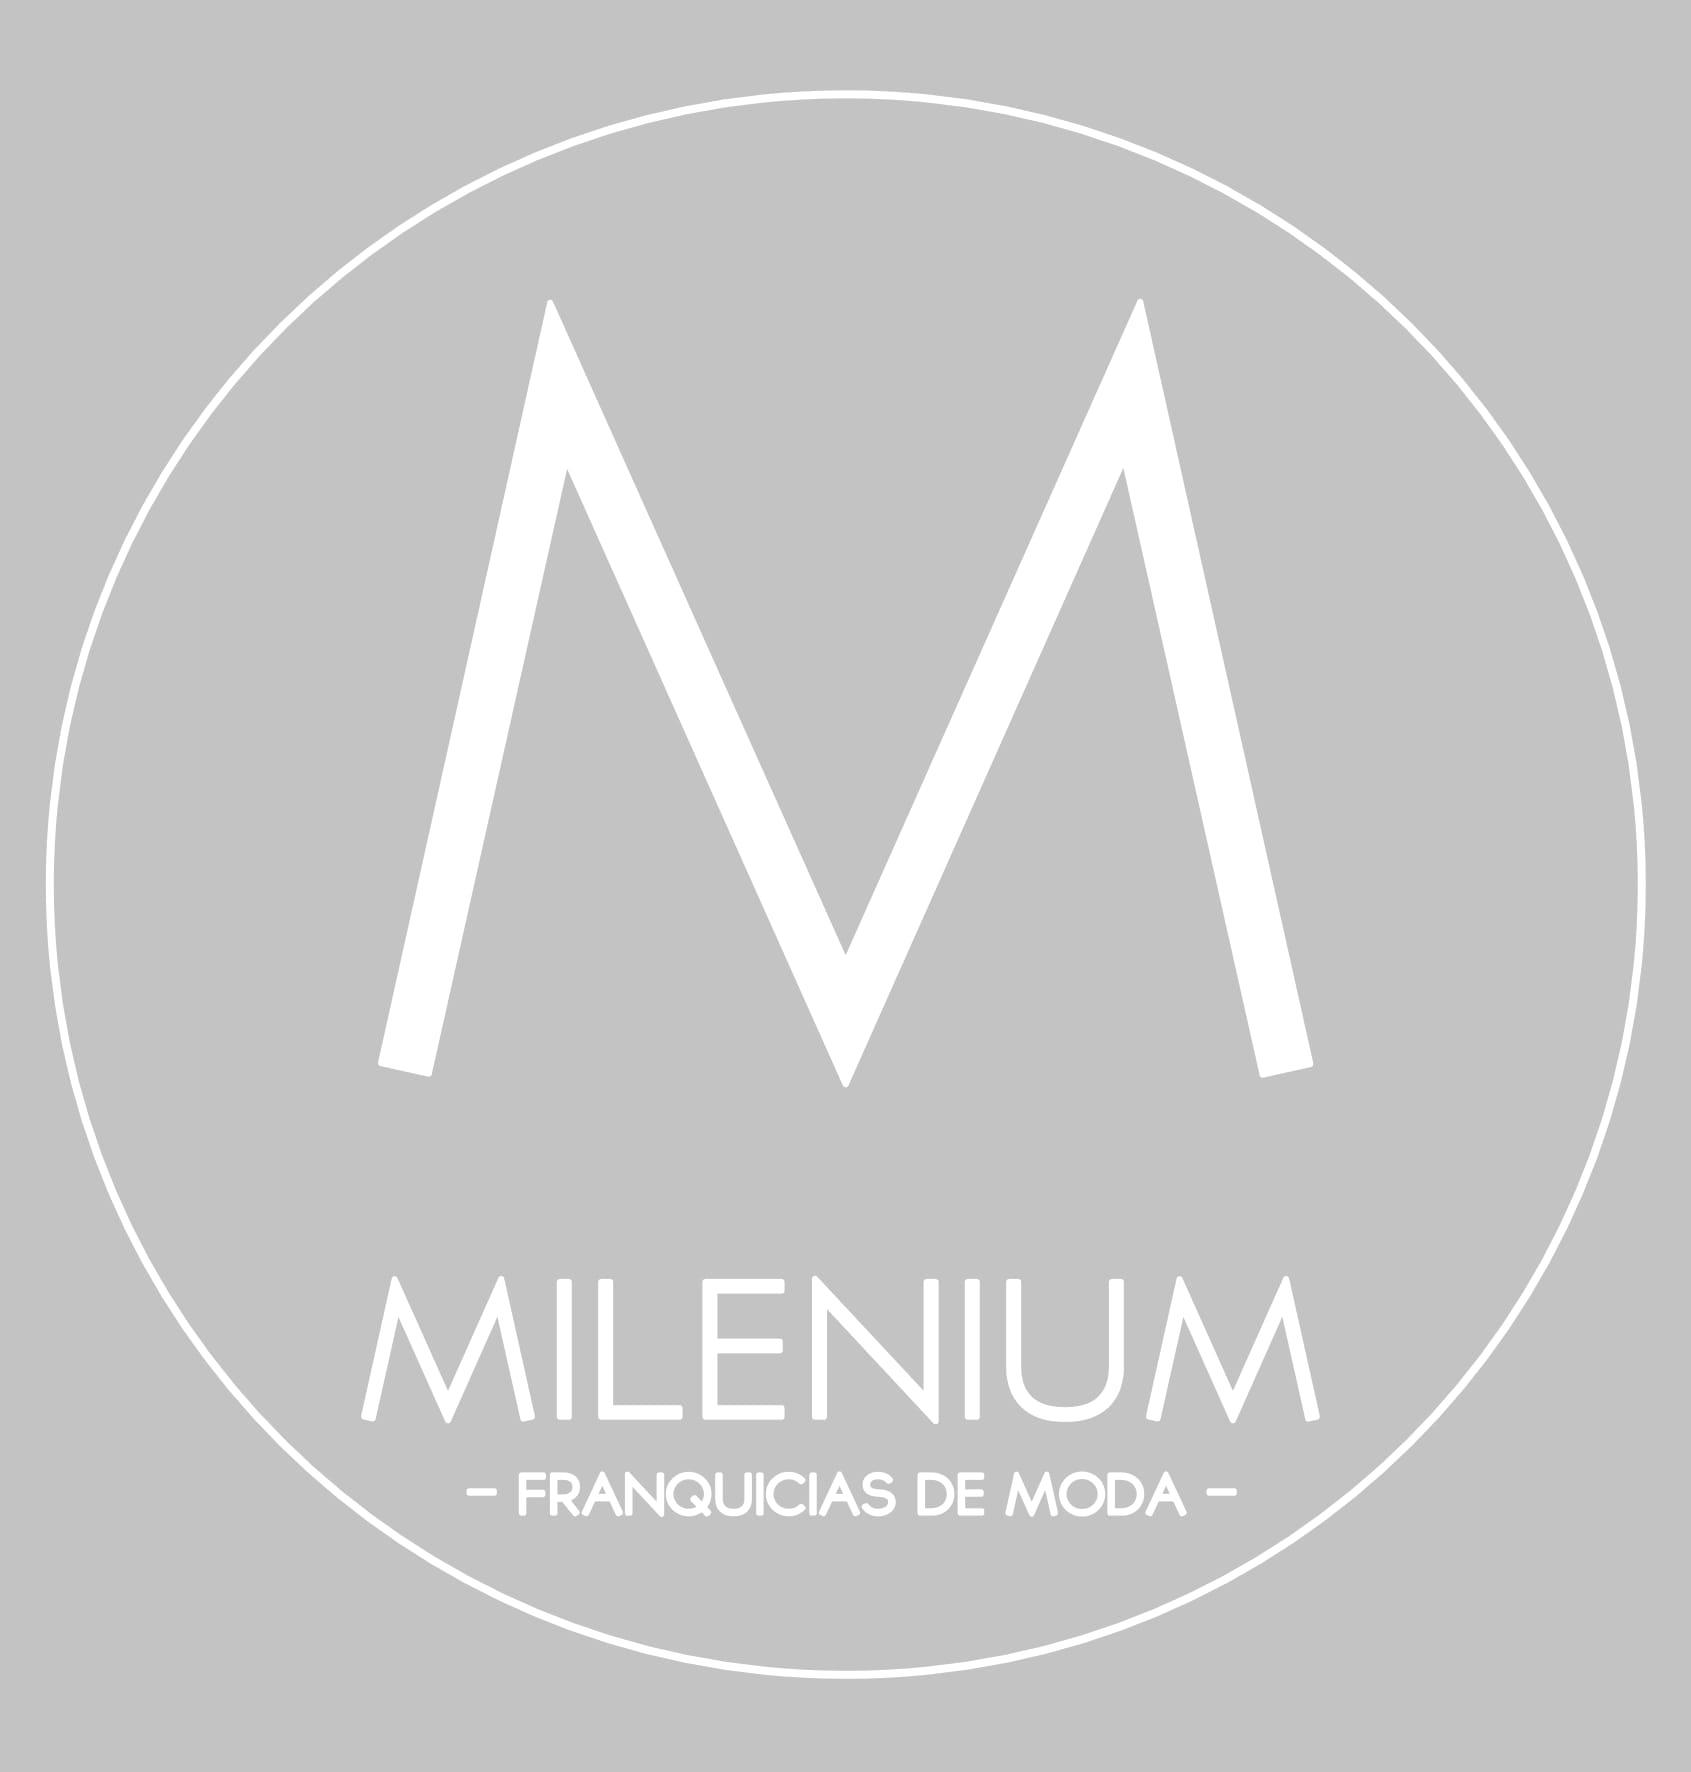 Milenium